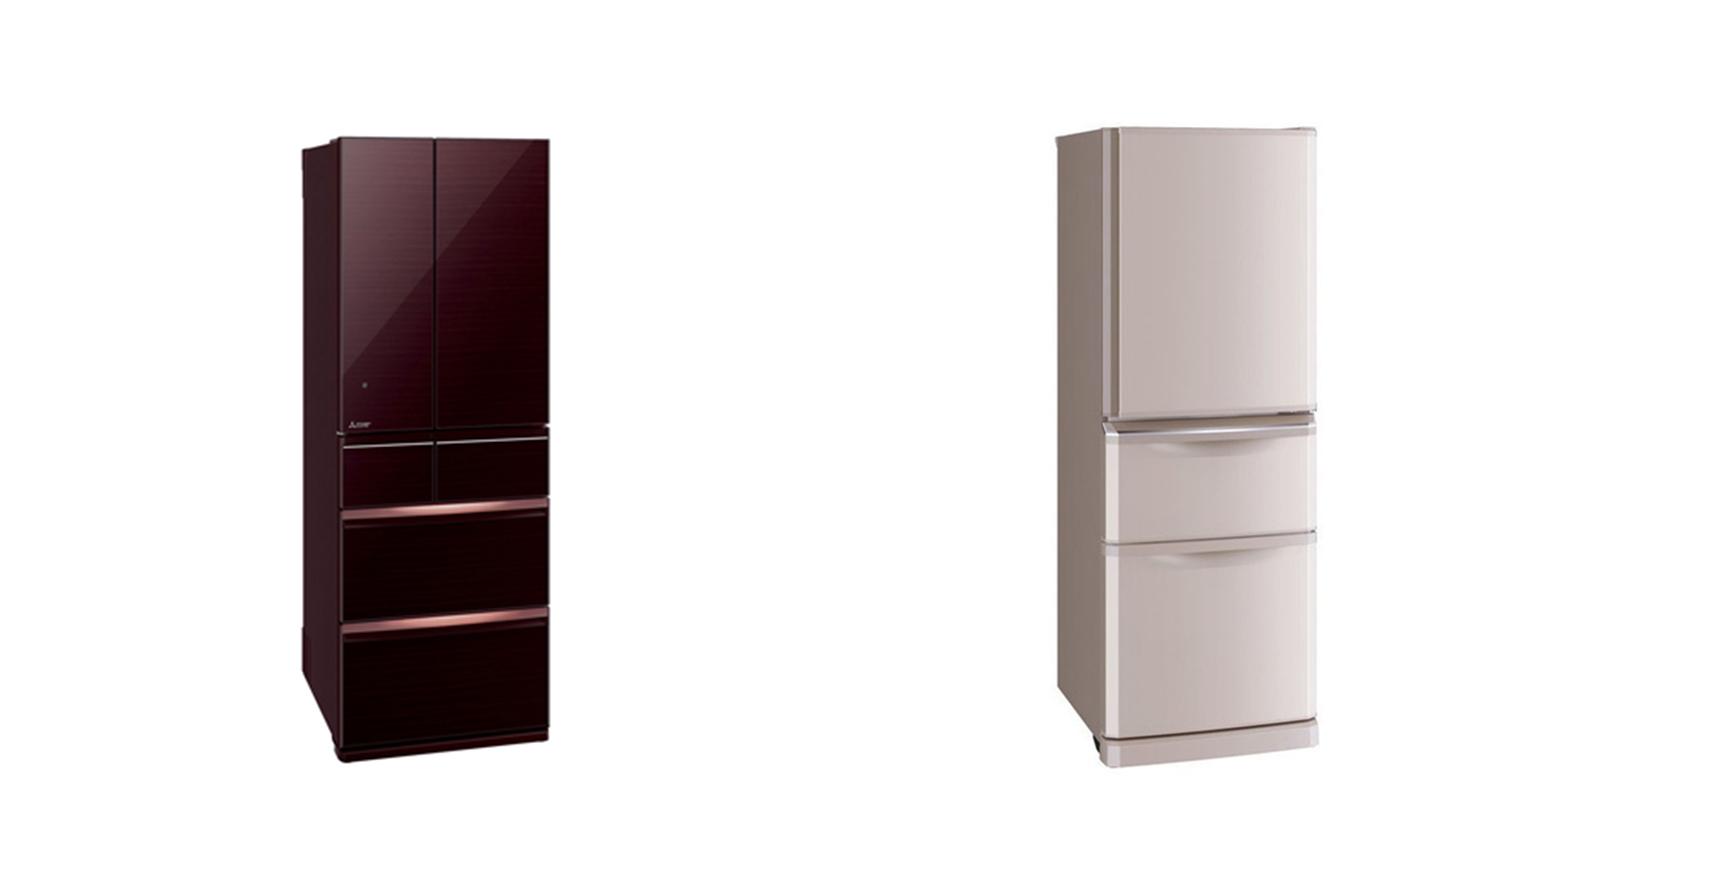 三菱(MITSUBISHI)の冷蔵庫